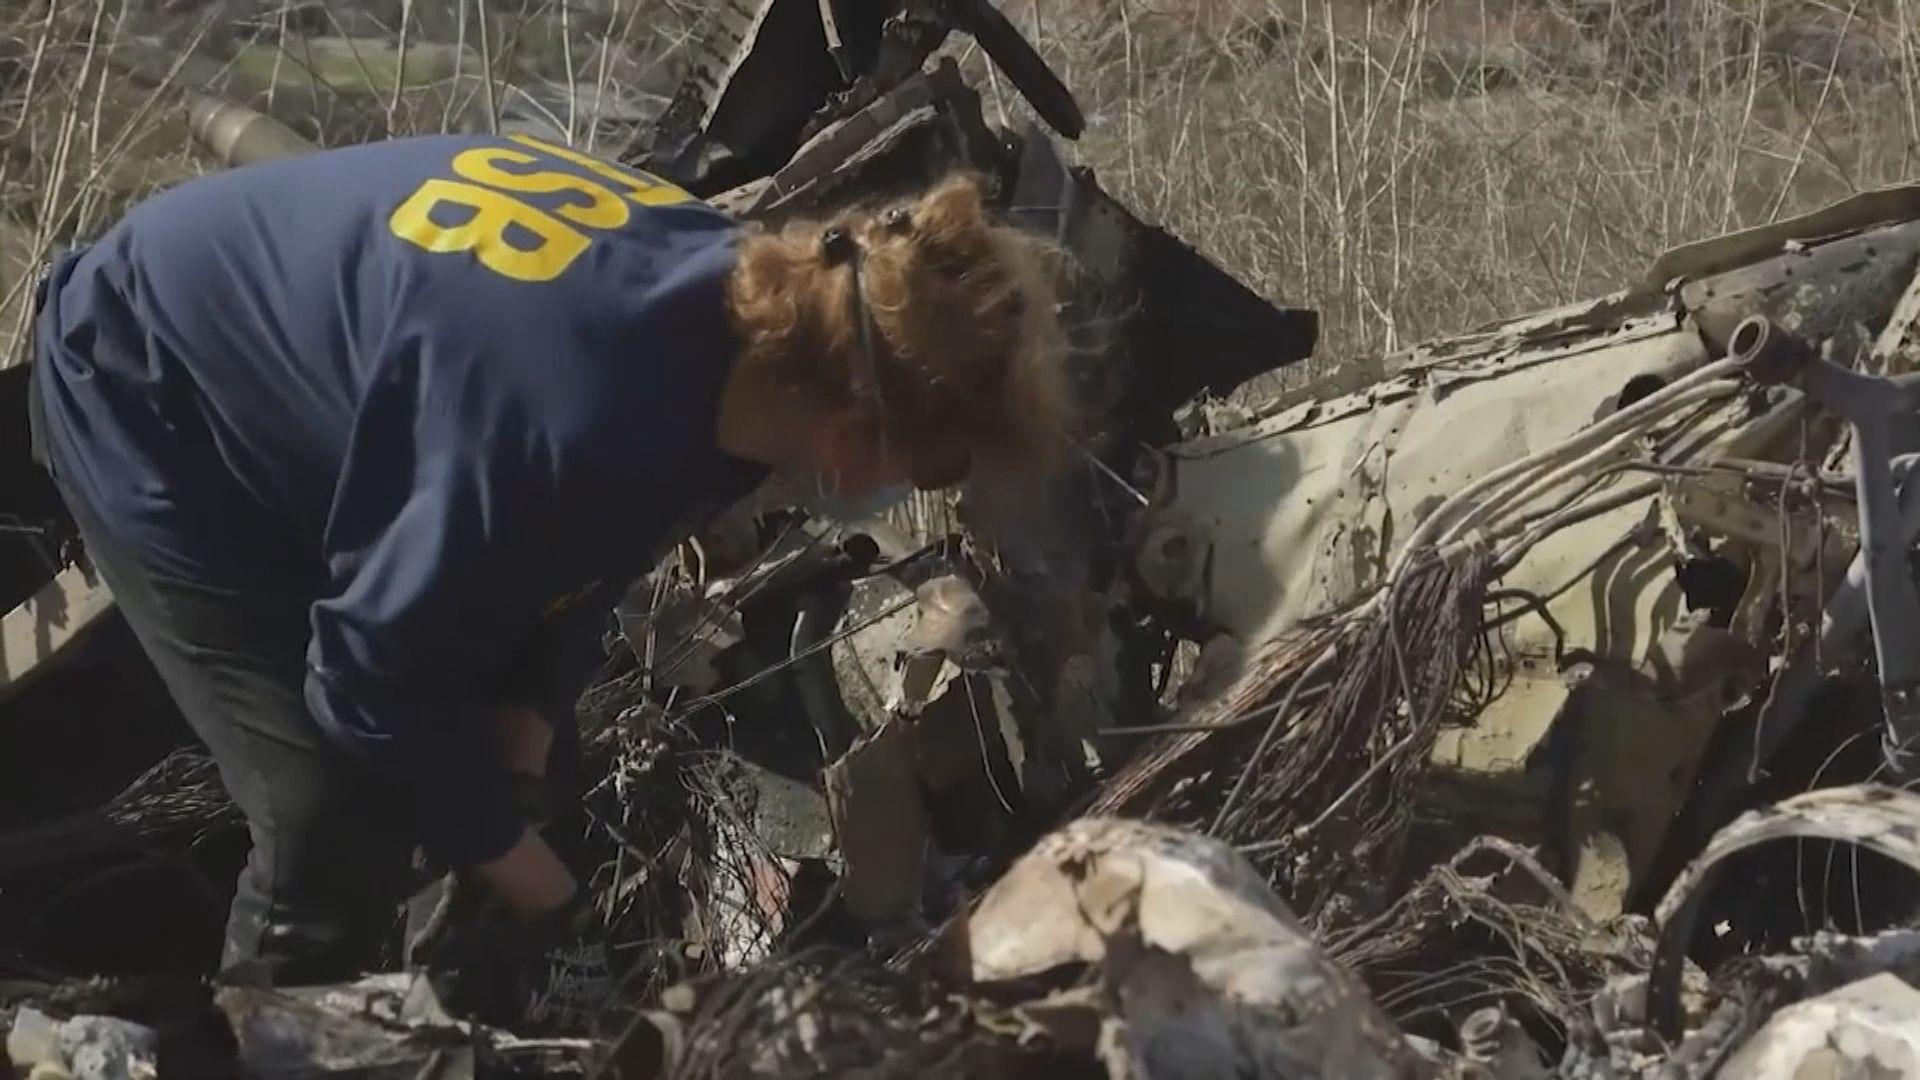 高比拜恩墜機事件 調查指直升機機師作出錯誤判斷